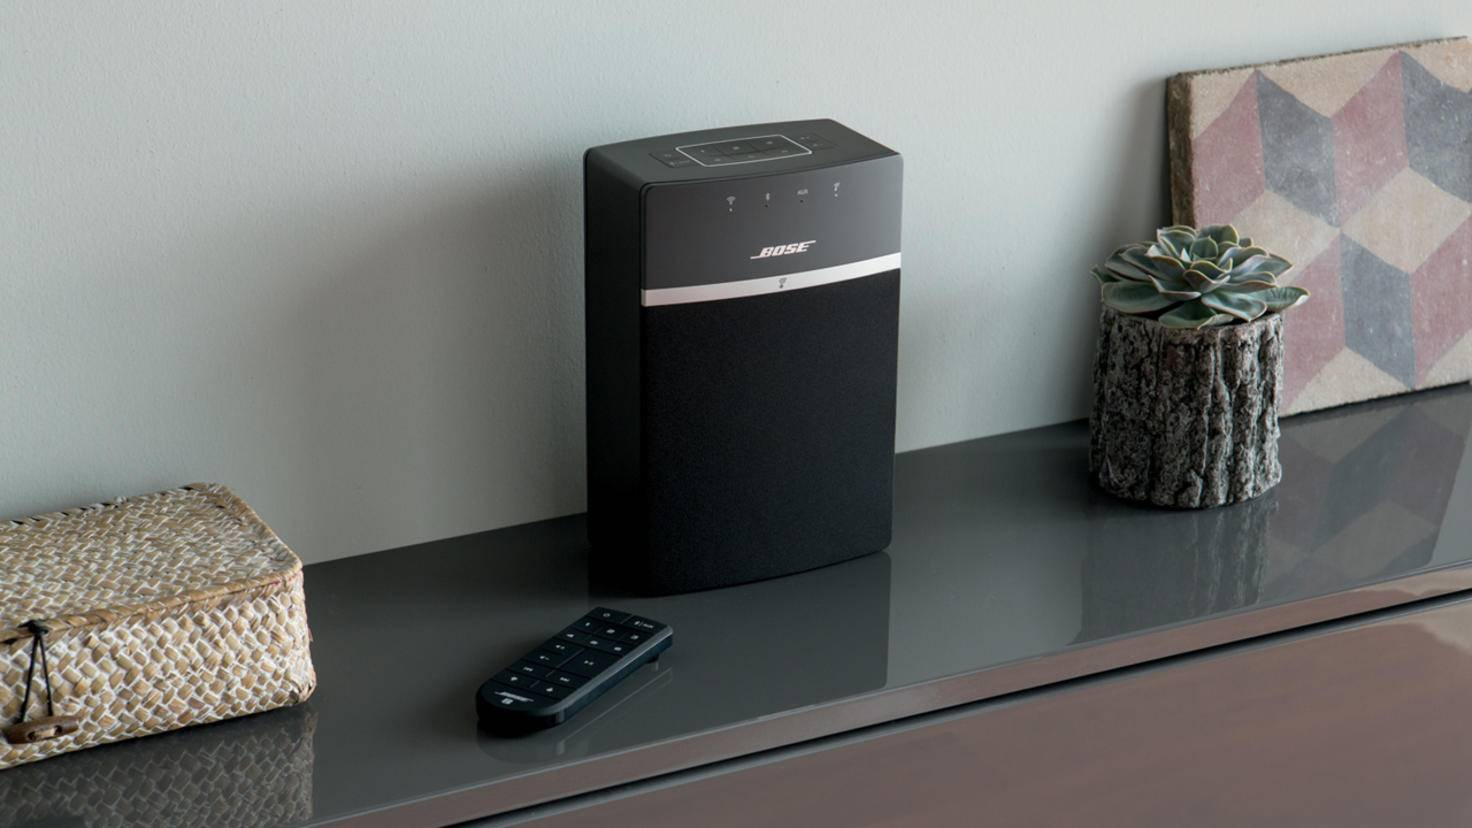 Ein vergleichbarer Premiumlautsprecher aus dem Hause Bose ist der SoundTouch 10.